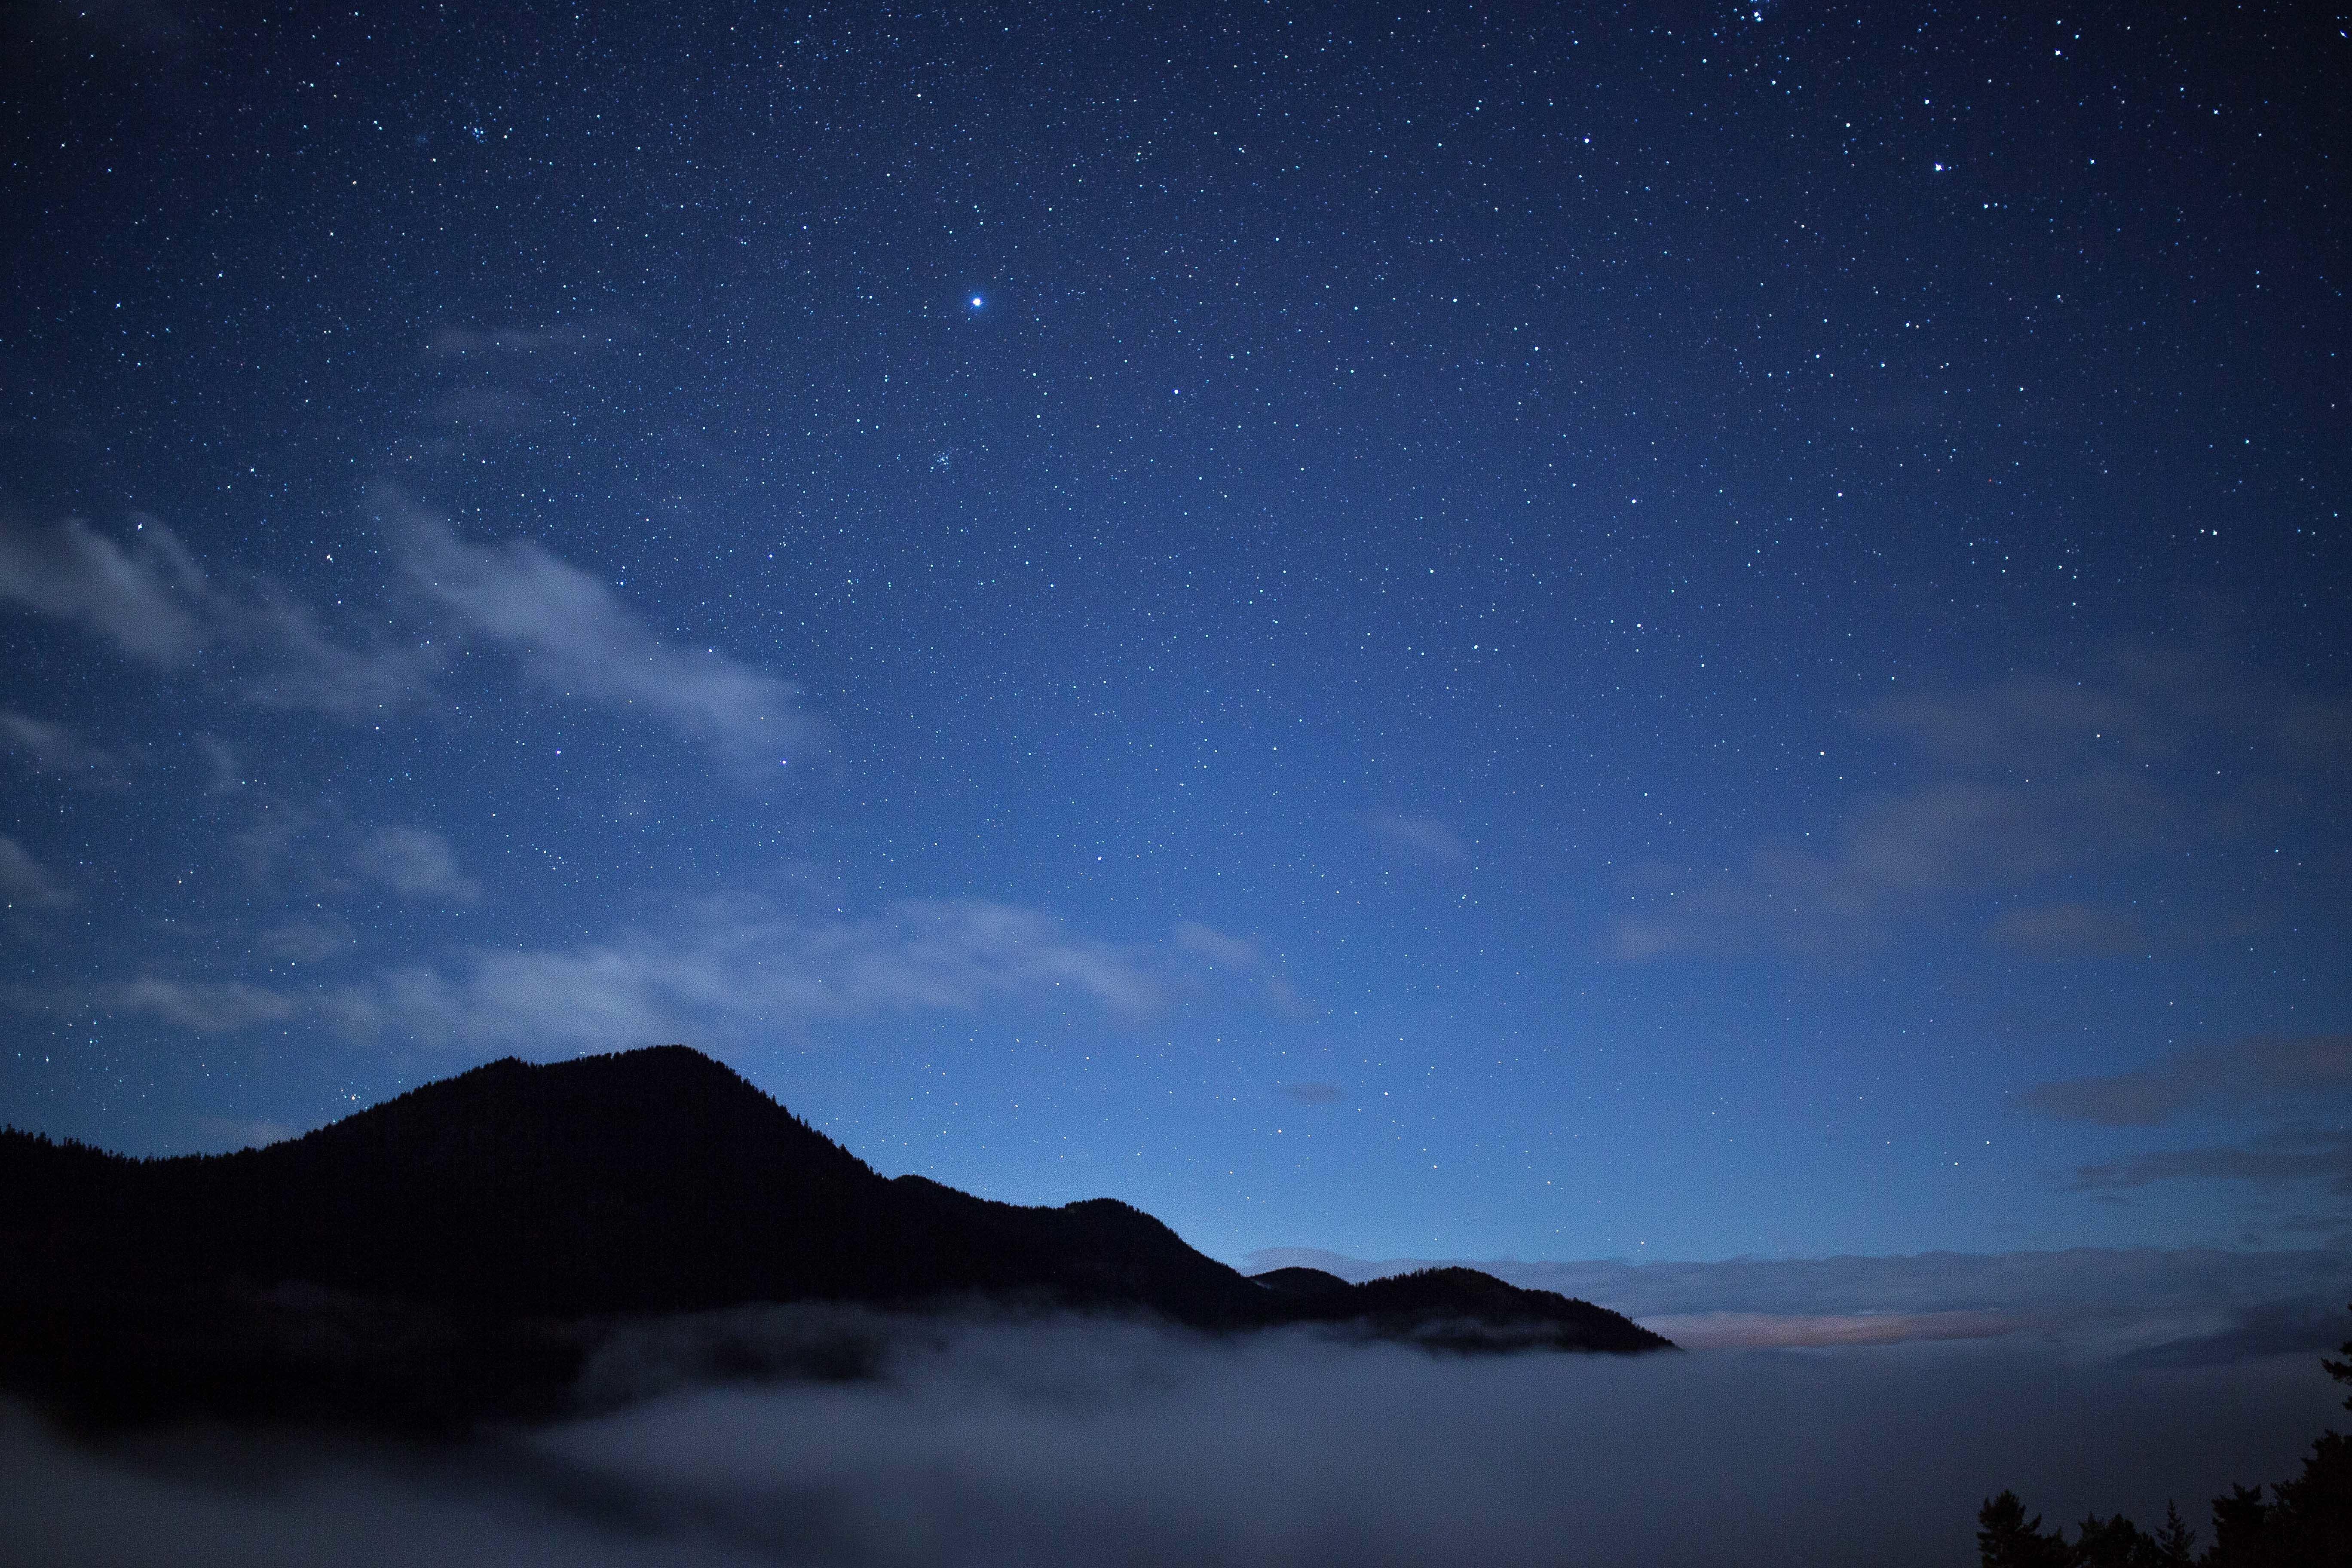 Night, Calm, Cloud, Cloudy, Landscape, HQ Photo